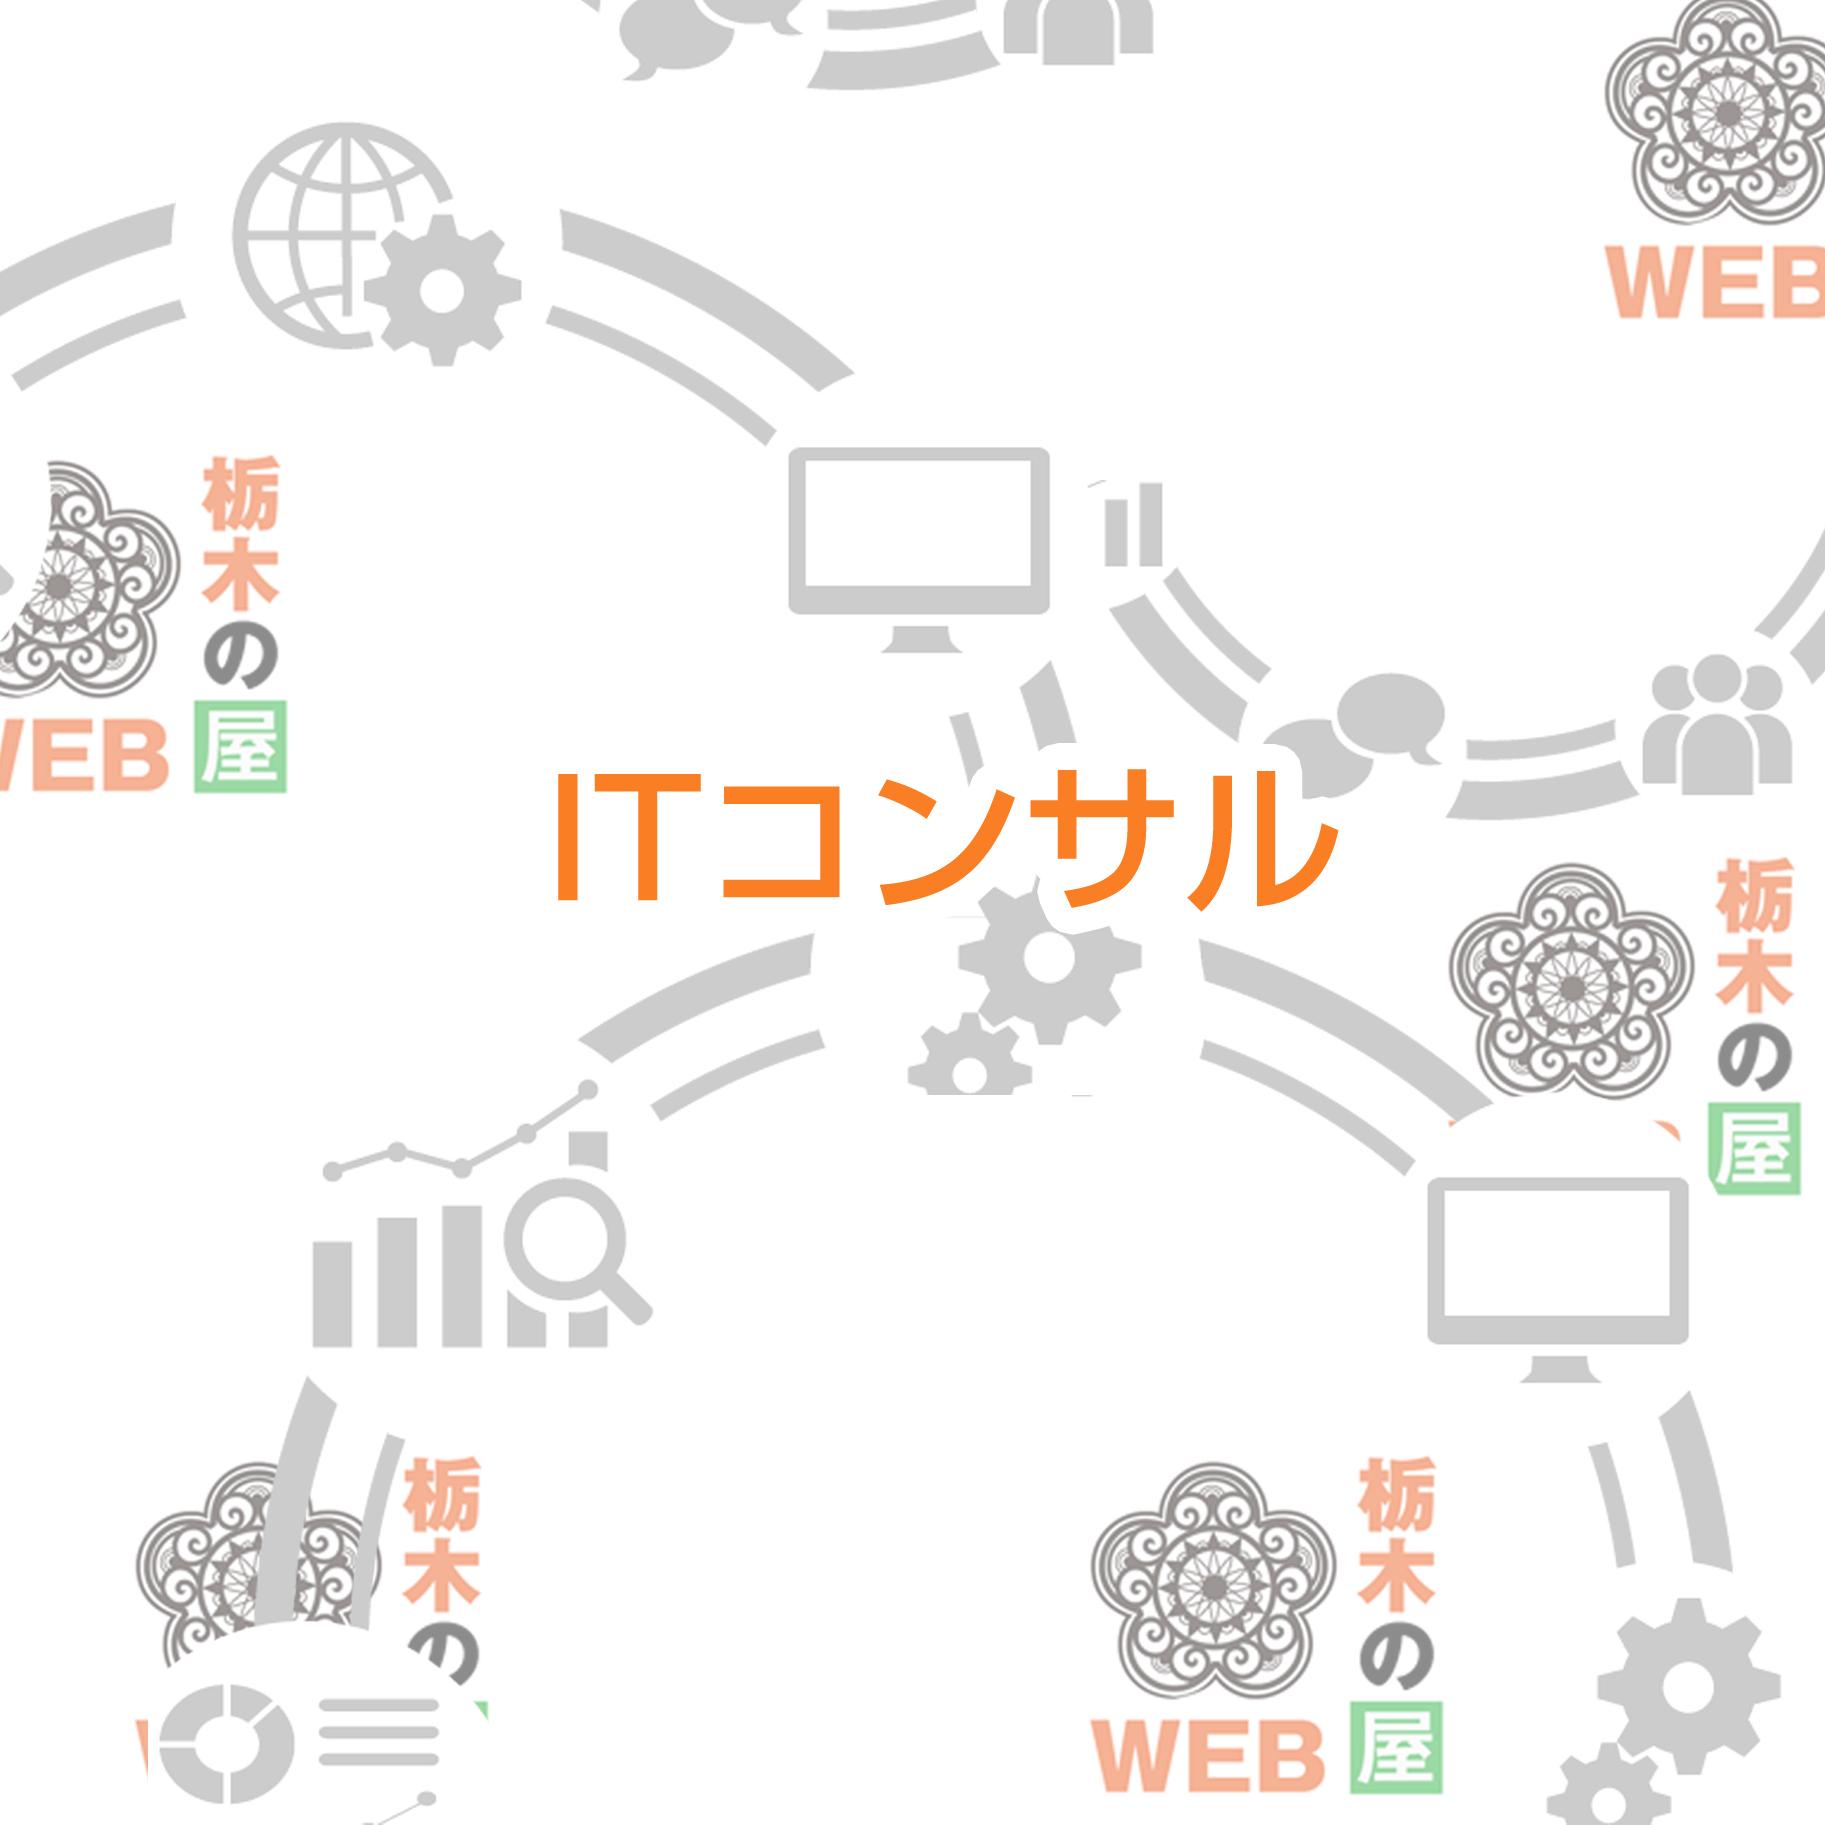 栃木のWeb屋のITコンサルティング|栃木のweb、ホームページ作成・翻訳、インバウンド事業・各種販促物デザイン、集客、越境EC、ワードプレス構築は、栃木を見続ける宇都宮の地域密着型制作会社の栃木のWEB屋へ